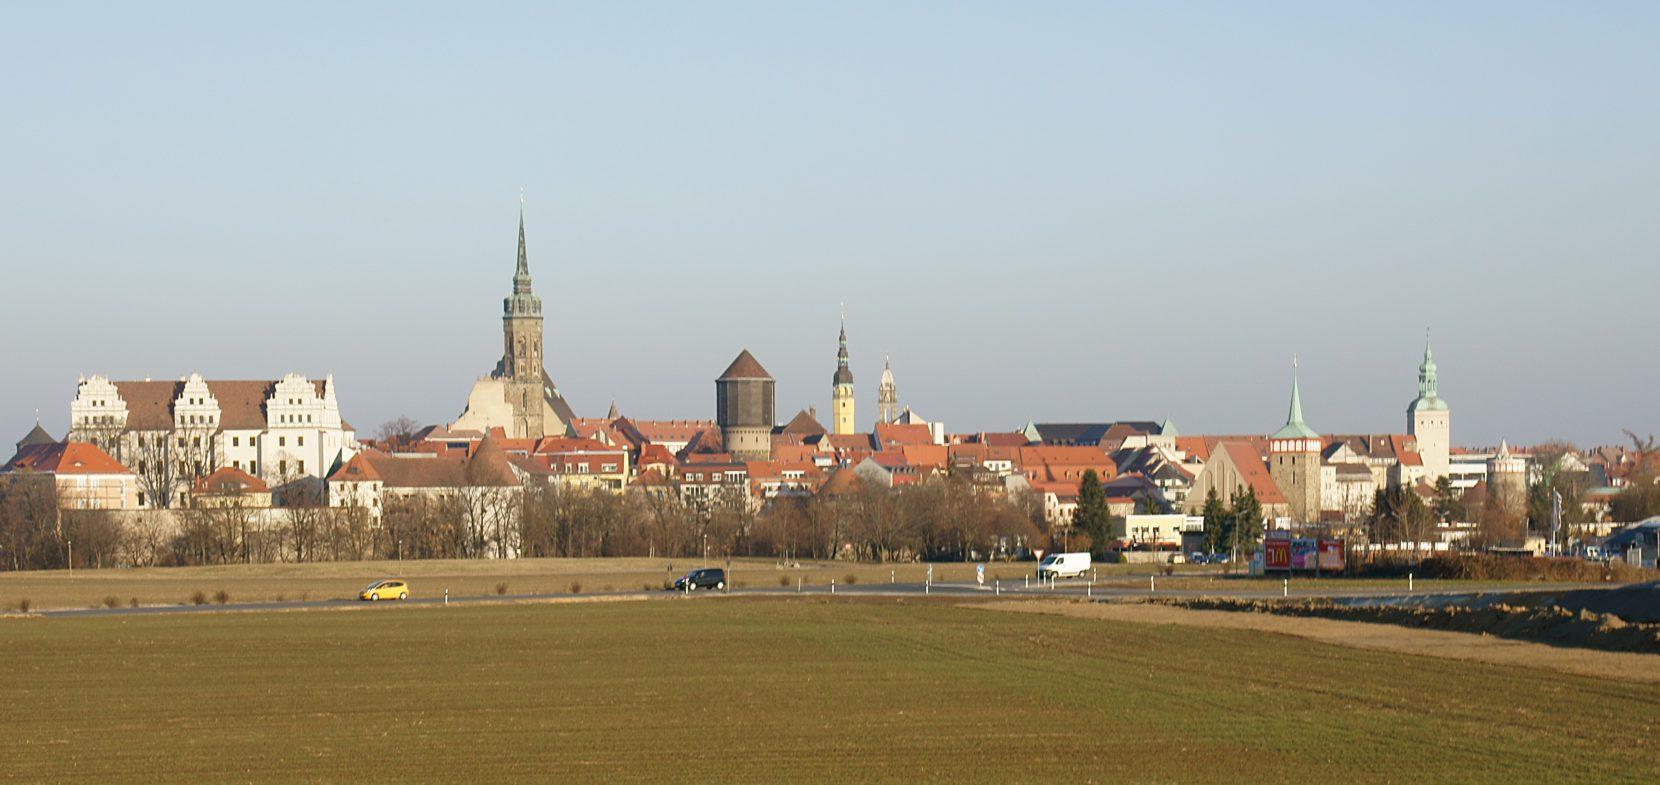 Region 1: Bautzen